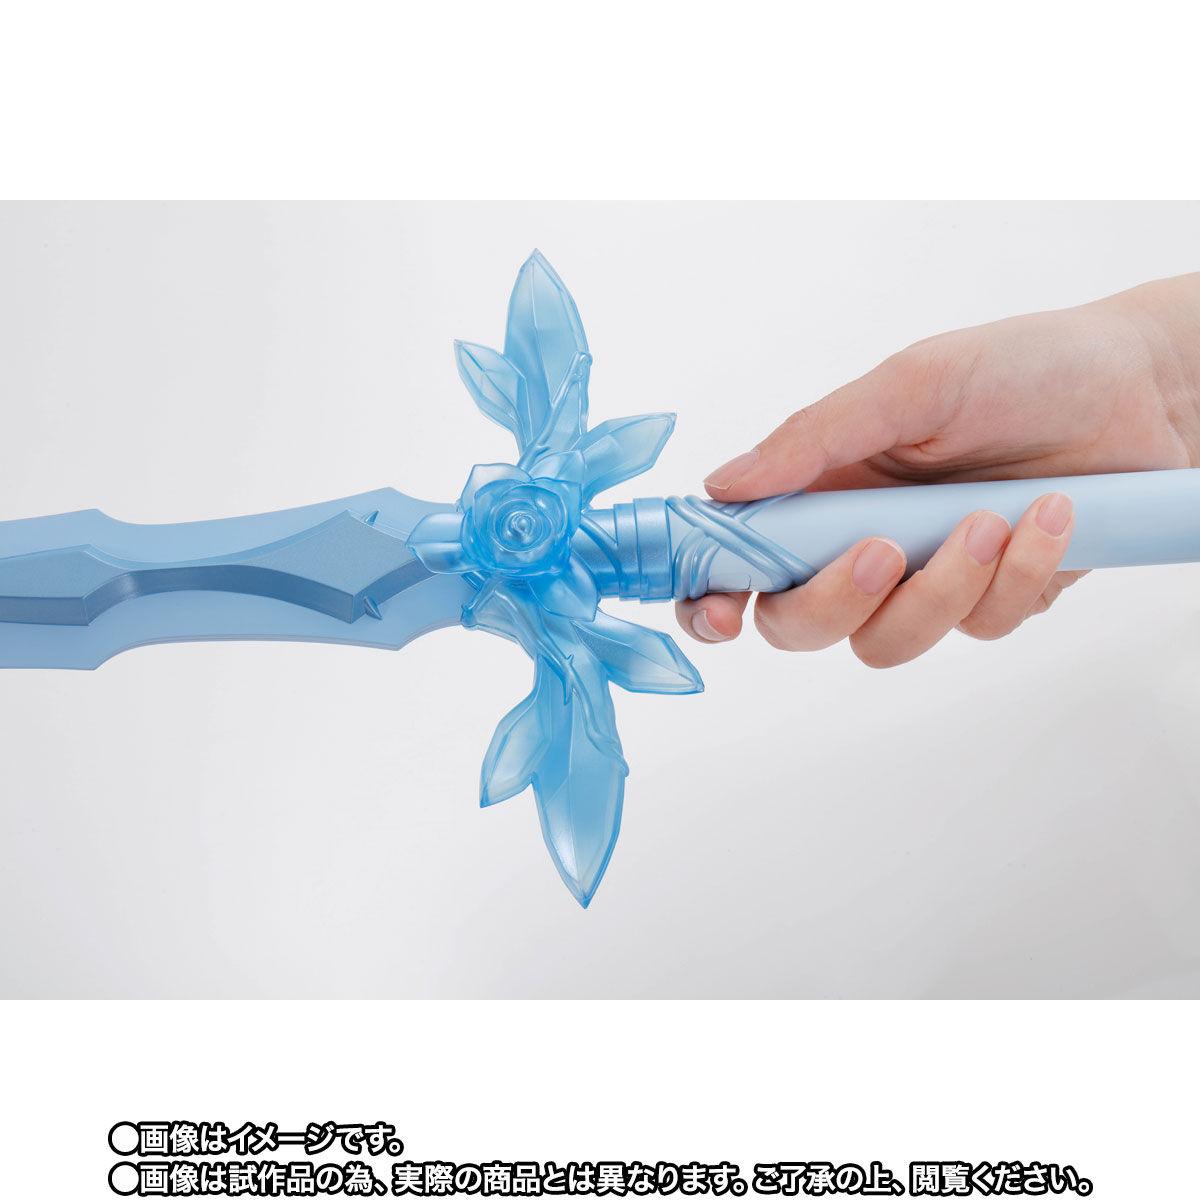 【限定販売】PROPLICA プロップリカ『青薔薇の剣』ソードアート・オンライン 変身なりきり-005